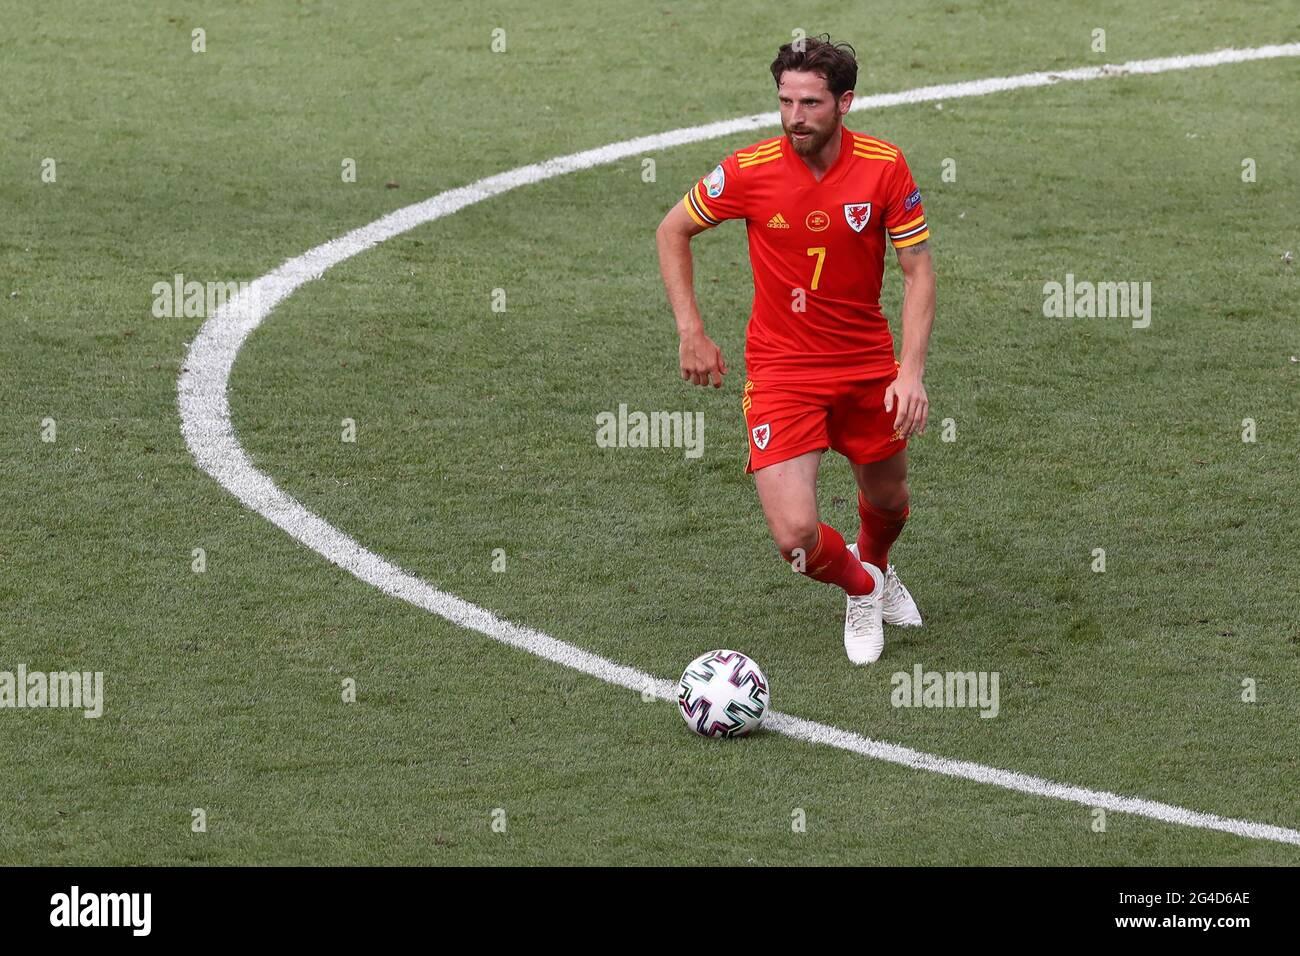 Roma, Italia, 20 giugno 2021. Joe Allen del Galles durante la partita UEFA Euro 2020 allo Stadio Olimpico di Roma. L'immagine di credito dovrebbe essere: Jonathan Moscop / Sportimage Foto Stock